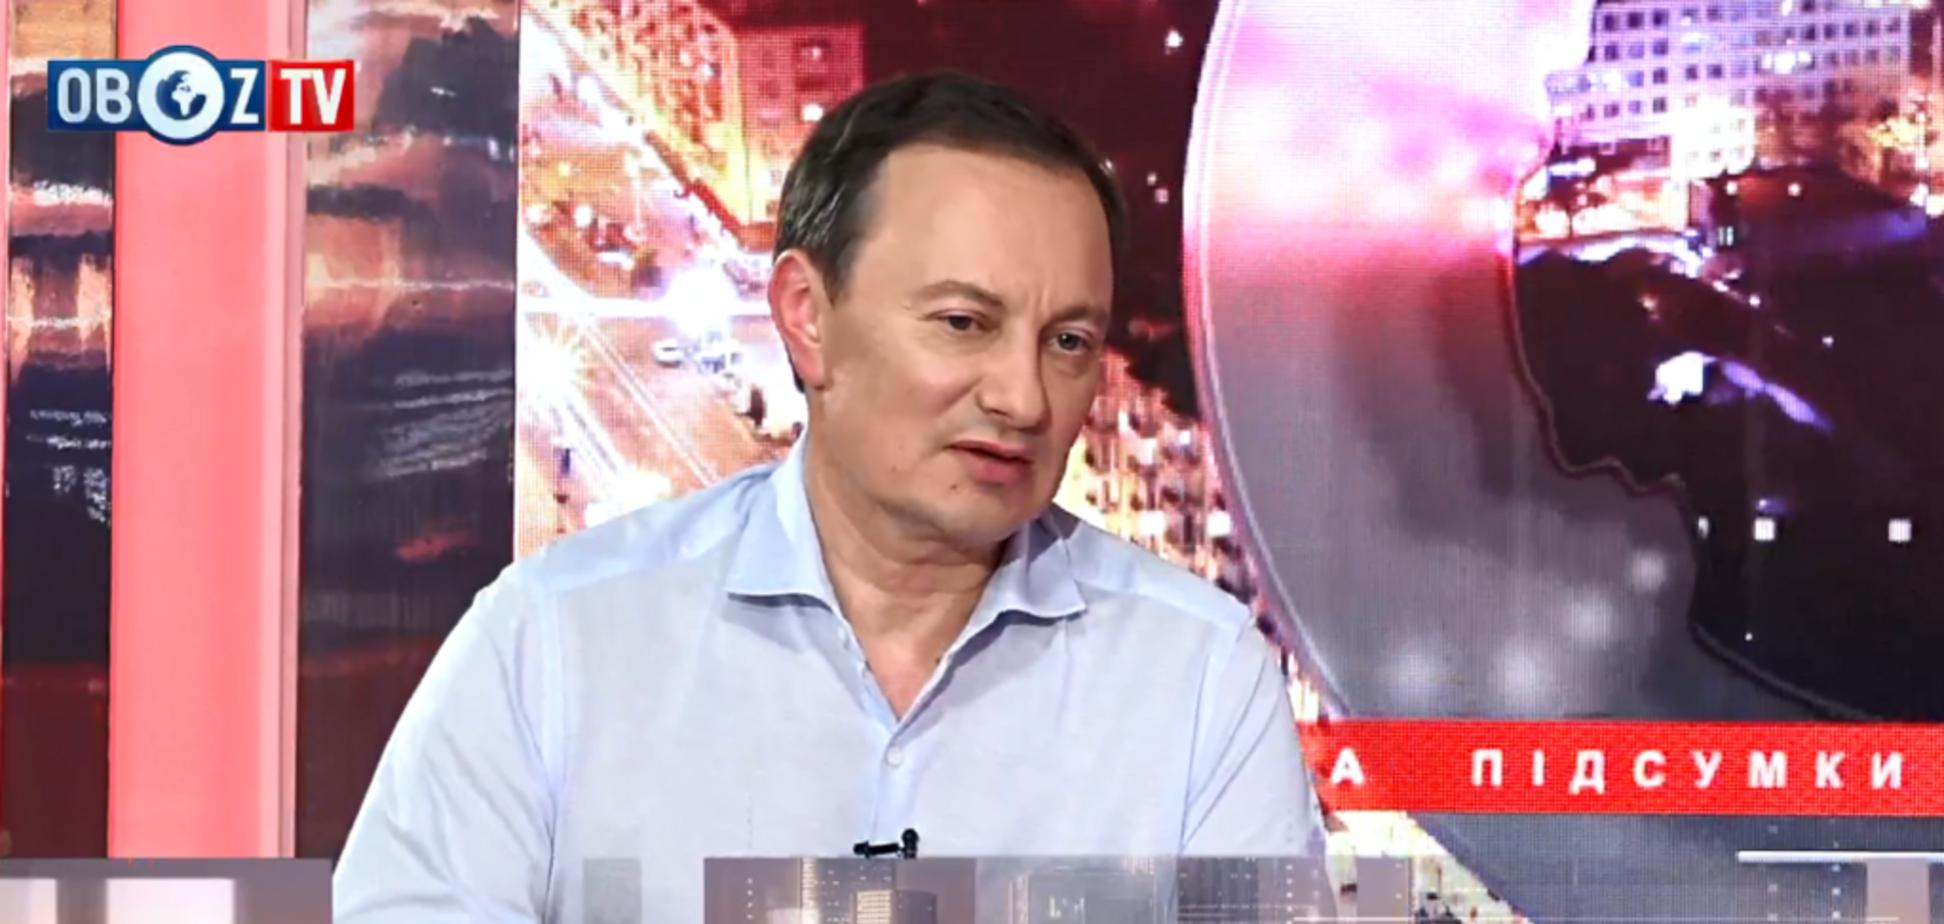 'Отработали на четверку': нардеп подвел итоги работы Рады 8-го созыва